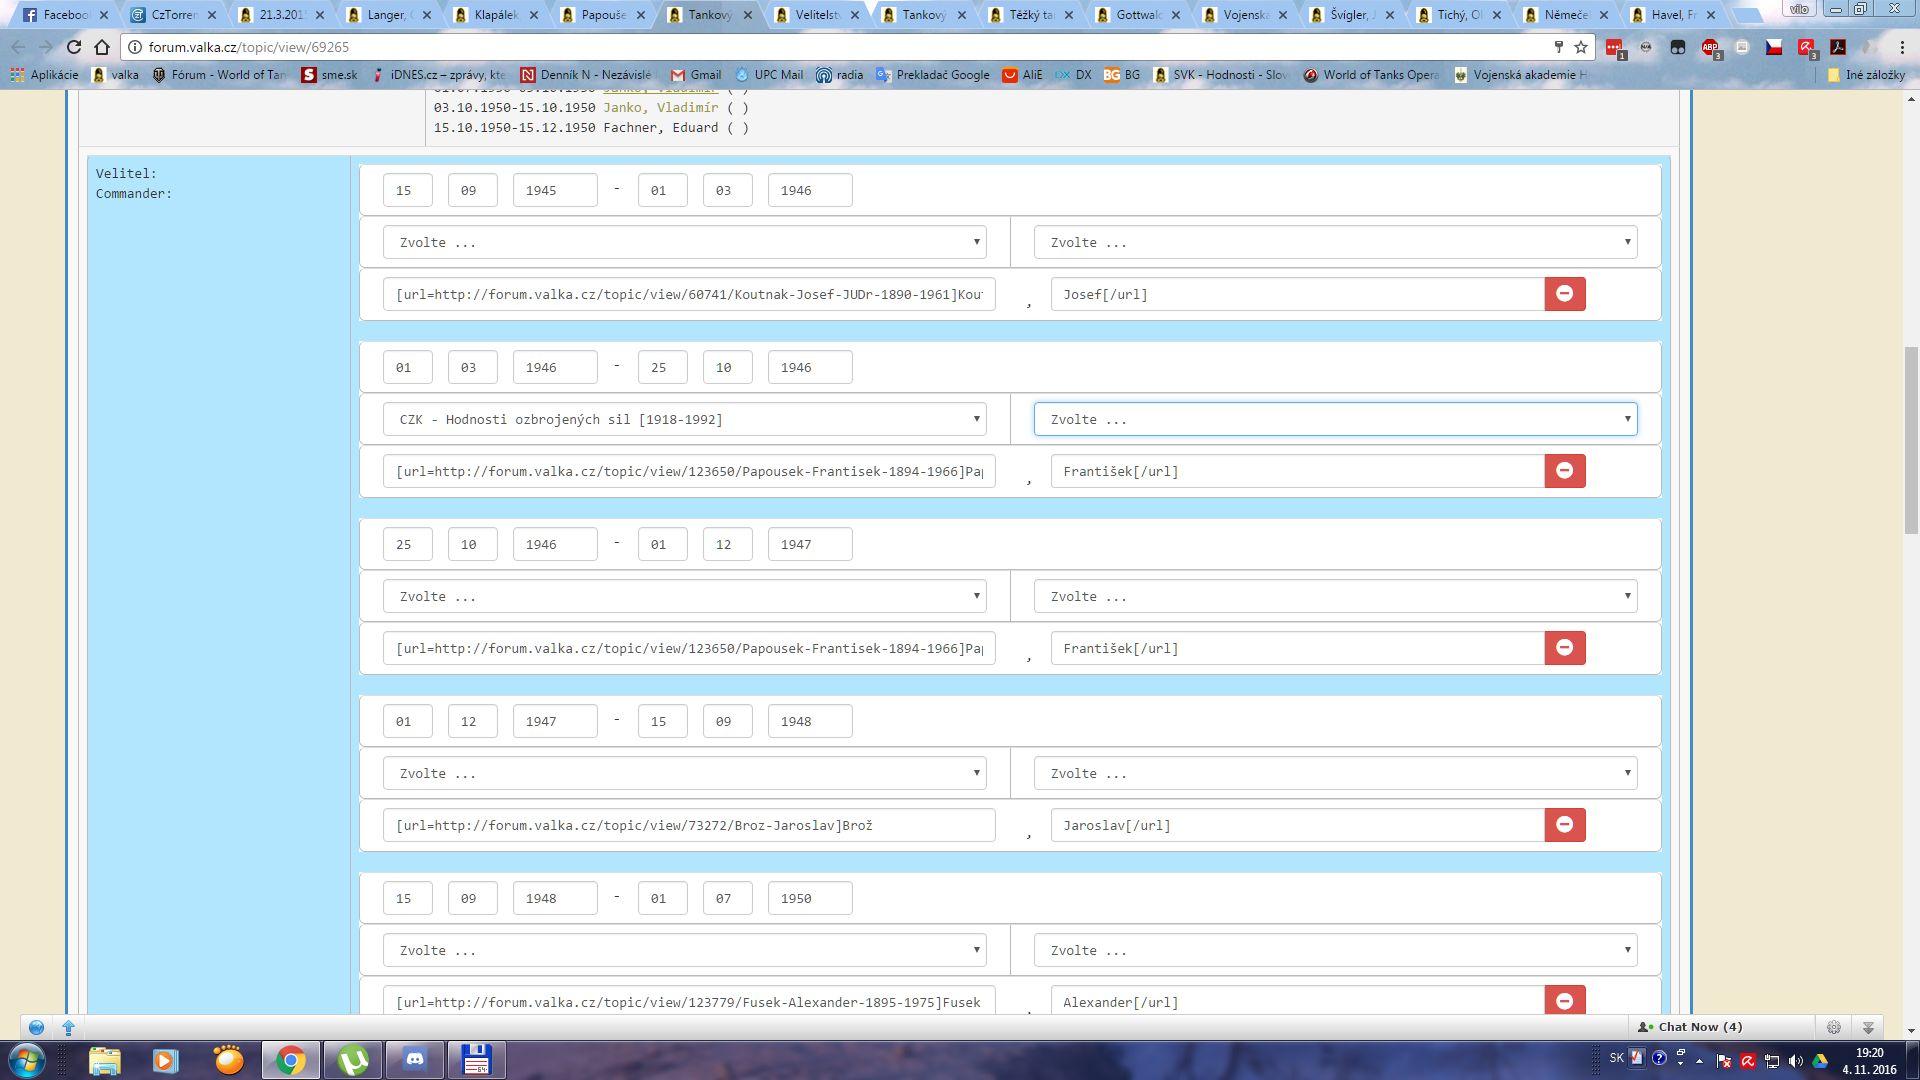 chytré užívateľské mená dátumové údaje lokalít NHL Zoznamka